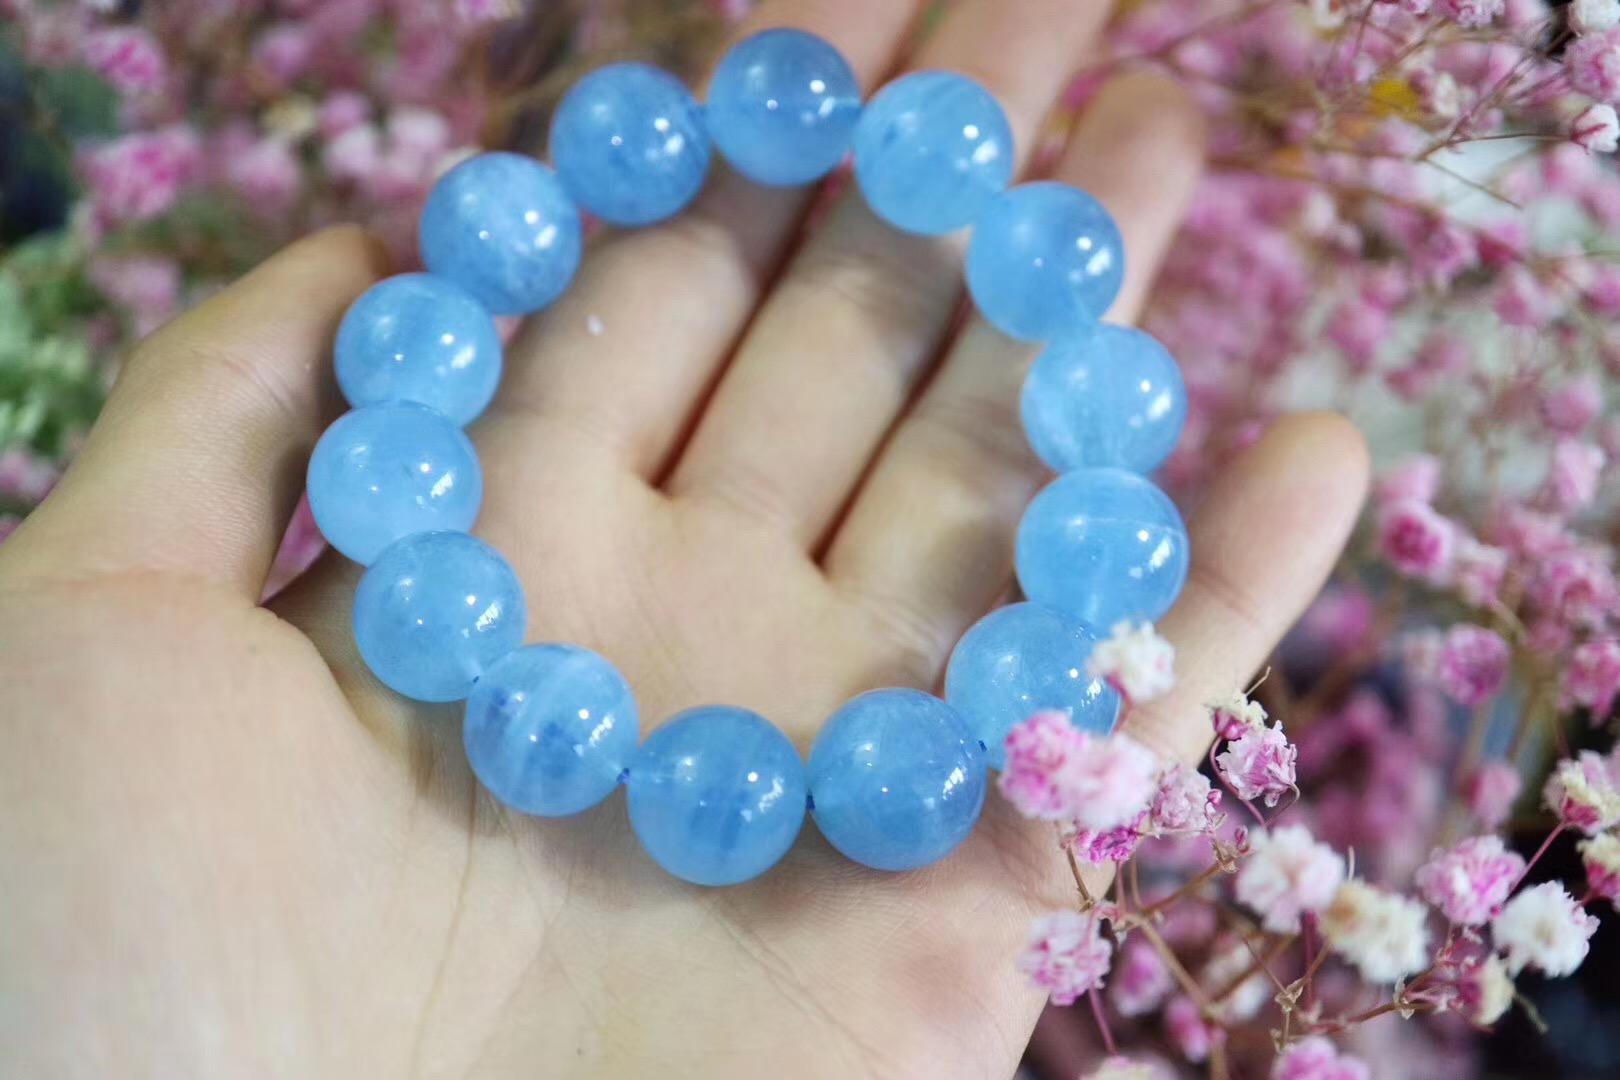 【菩心-海蓝宝】清新脱尘的海蓝宝,犹如众生精灵的能量石-菩心晶舍